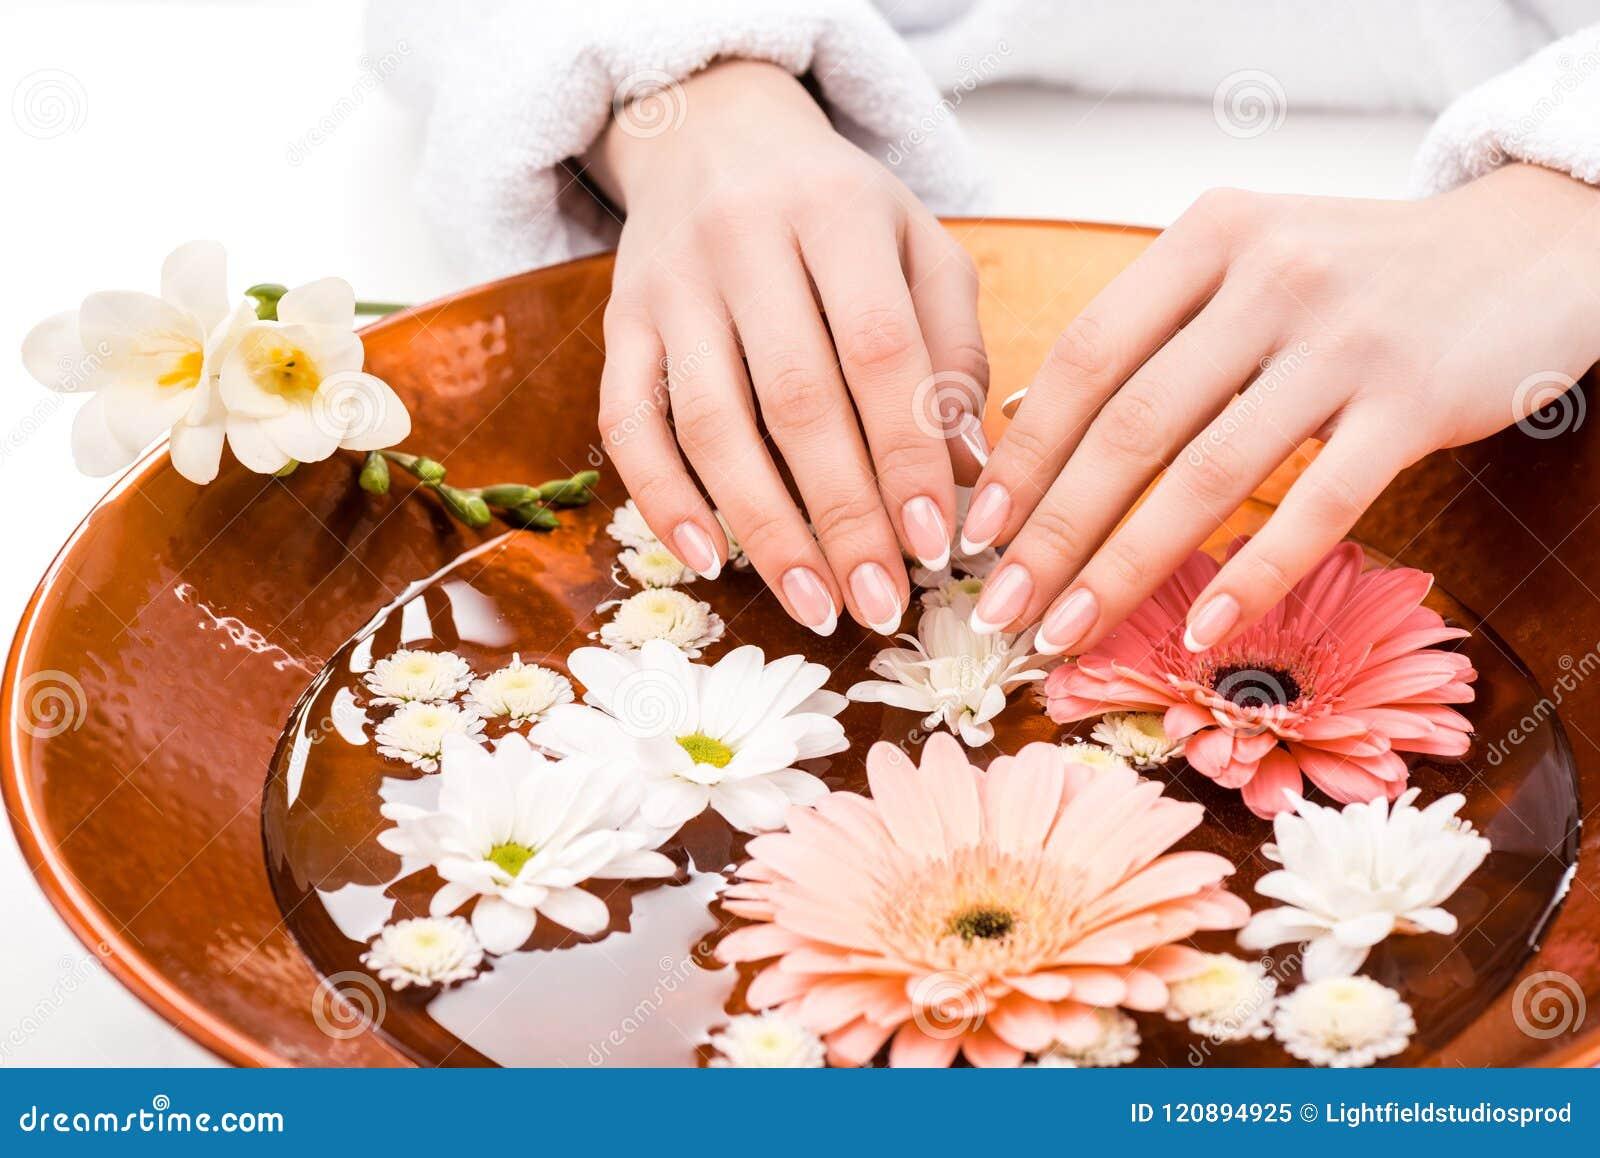 的妇女做与花的播种的观点温泉做法在美容院,钉子